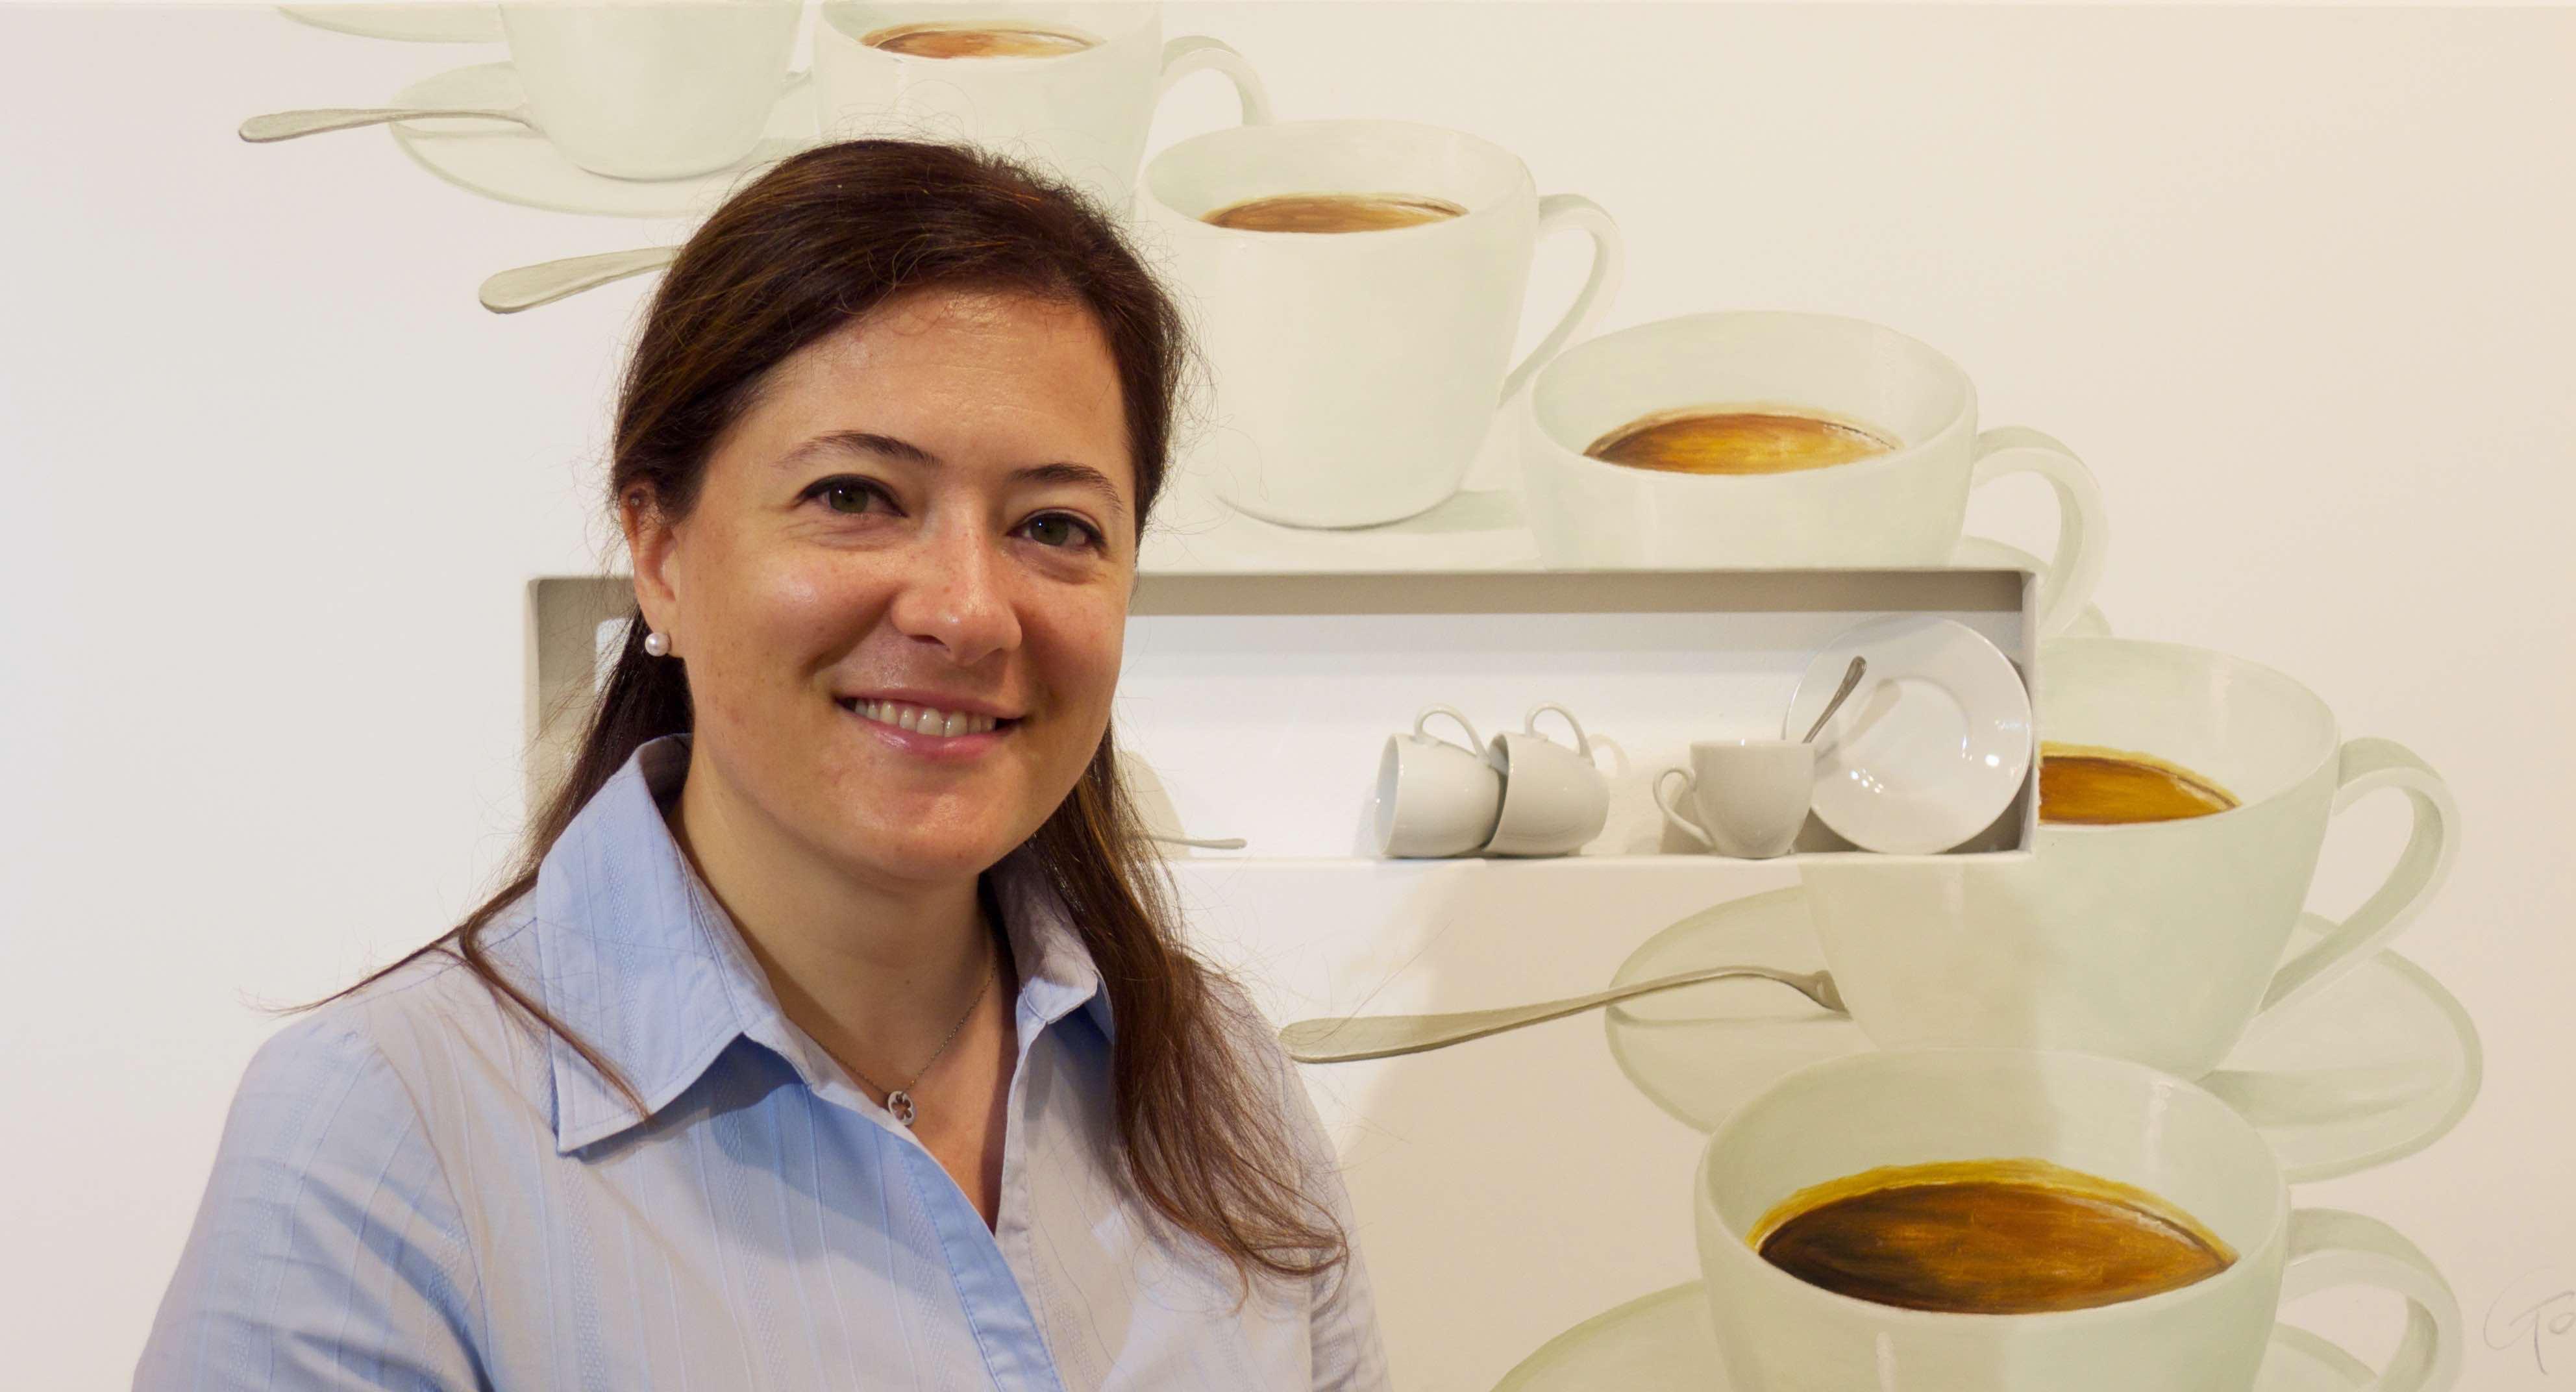 Francesca Lovato, fondatrice di Oltrecafè ci racconta come ricicla i fondi di caffè per creare eco pellet